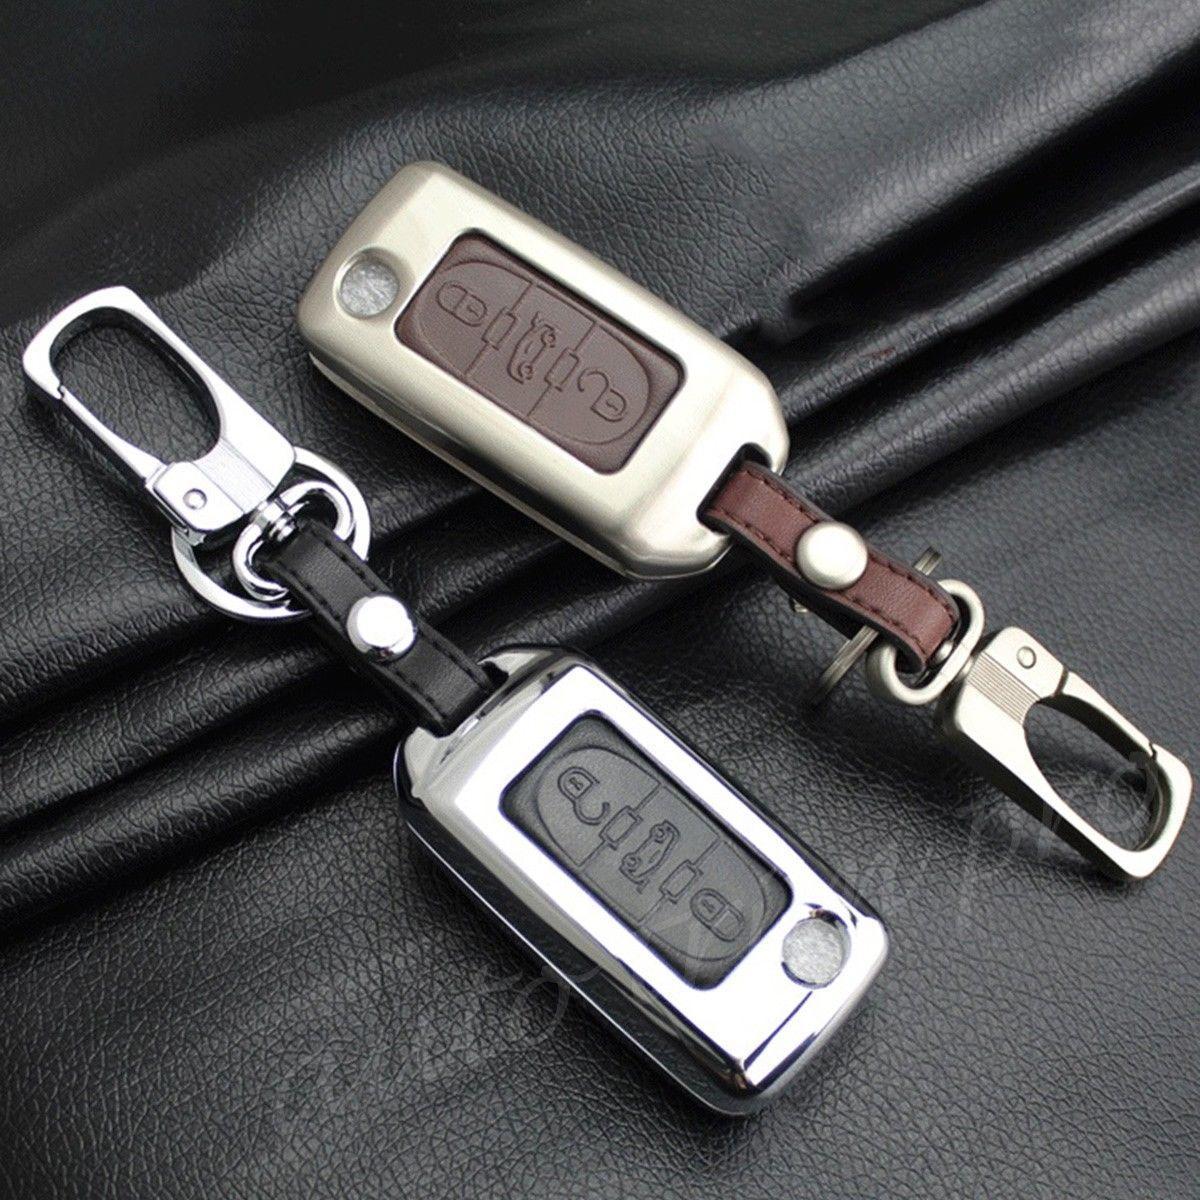 Металлический чехол для ключа Peugeot 1007,107,108 ,206,207,208,3008, 301,307,308,4008,406,407,408,508,partner